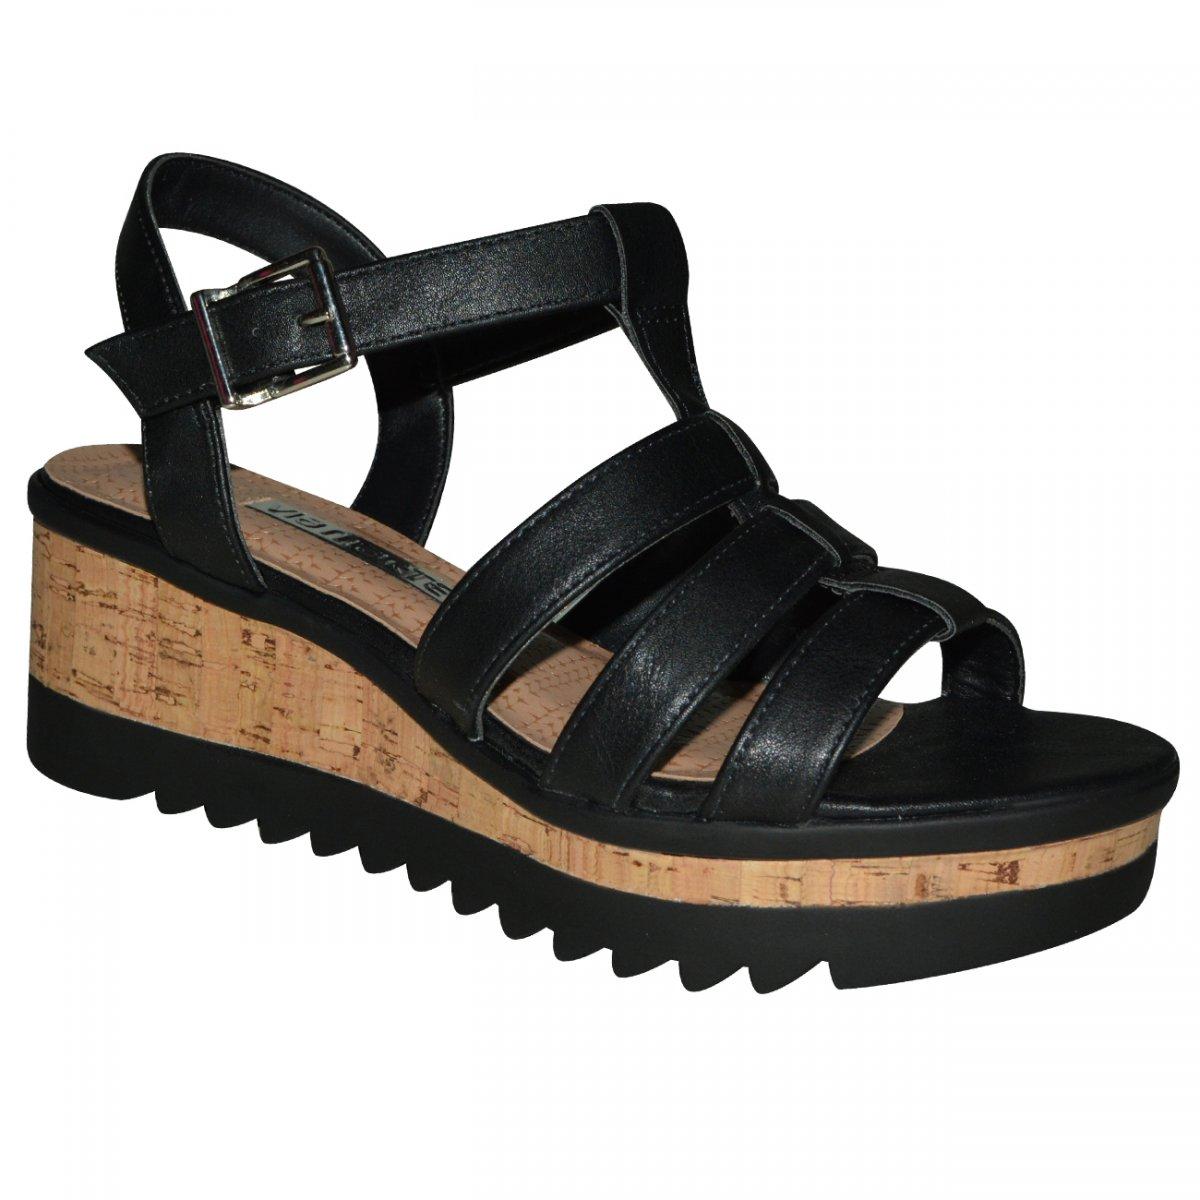 7716829d61 comprar sandalia tratorada da Via Marte